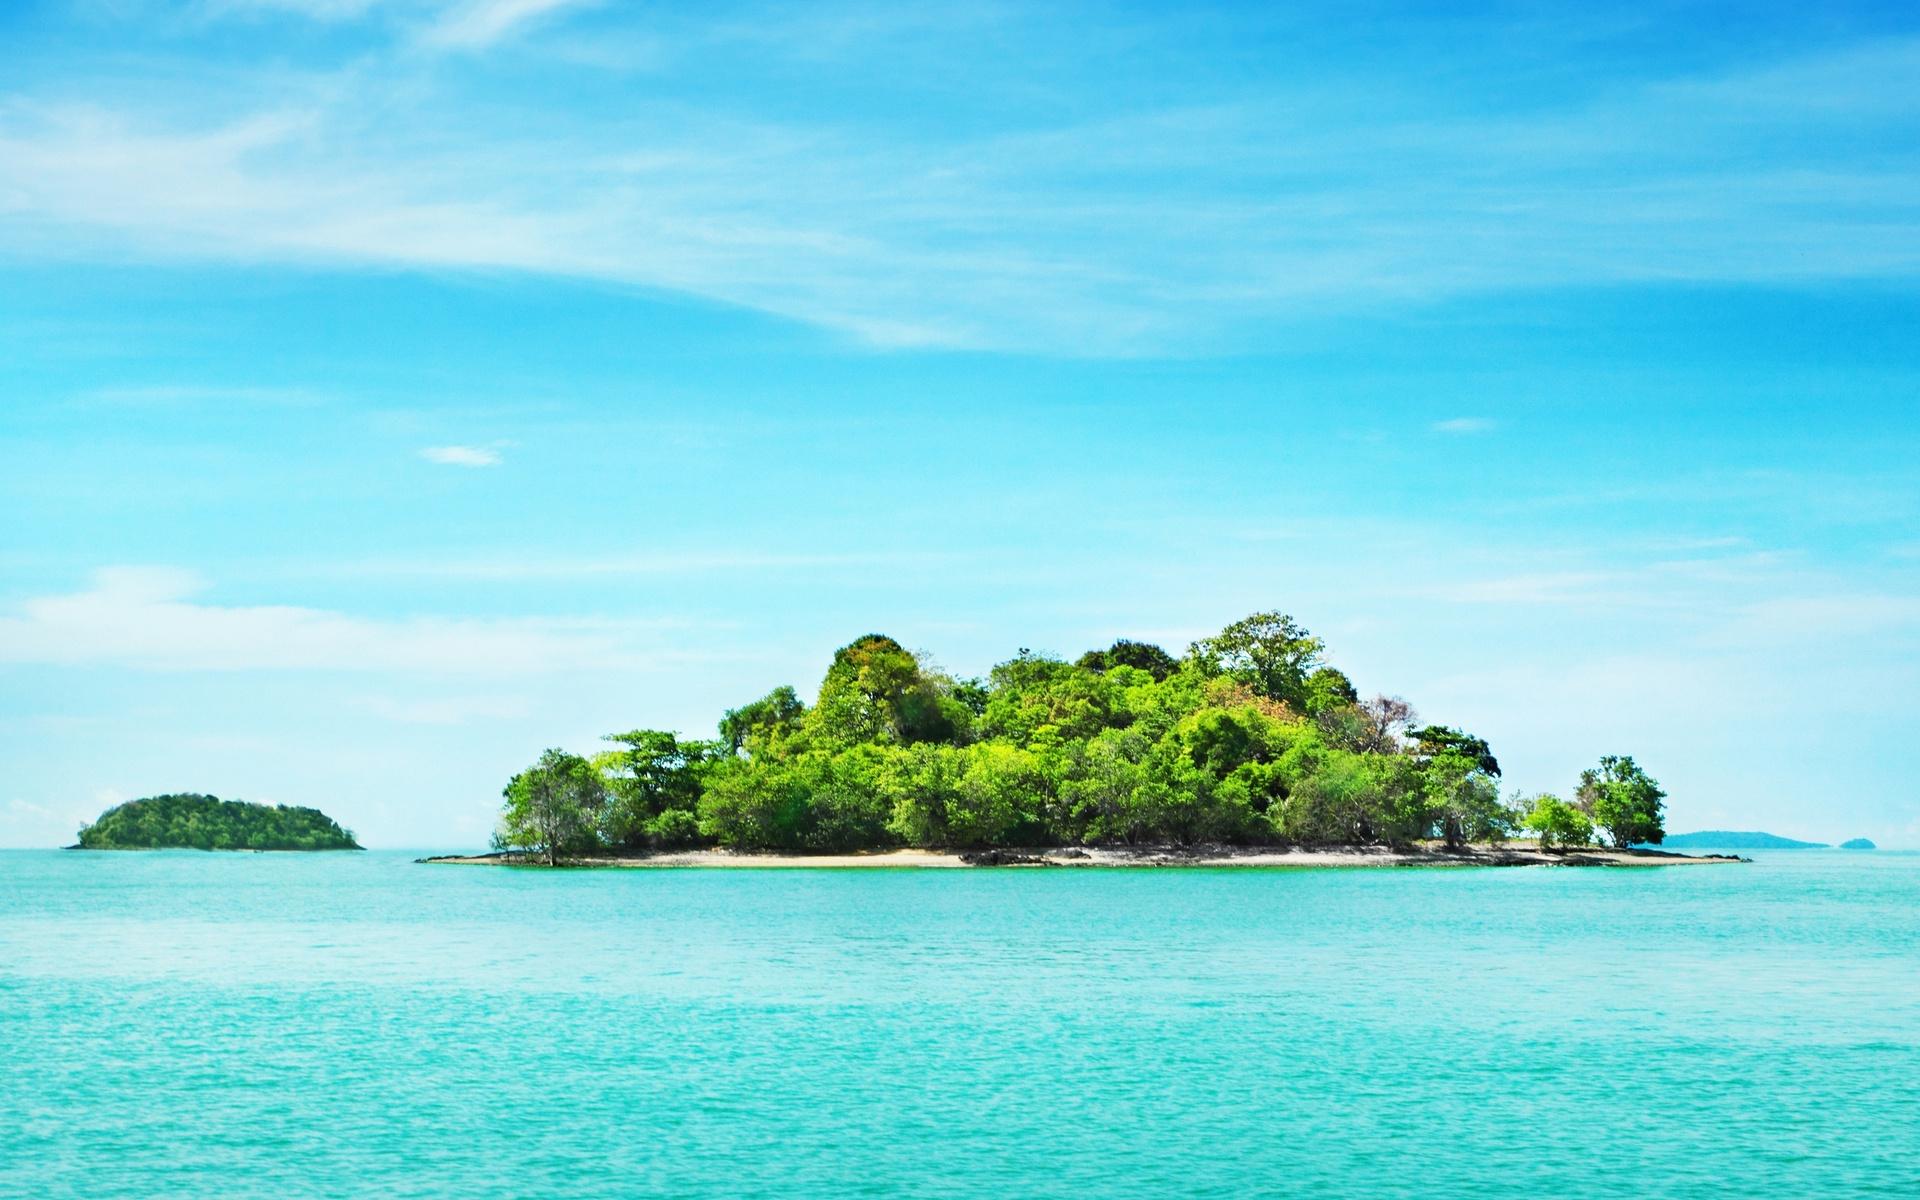 остров в океане картинки калинка победитель